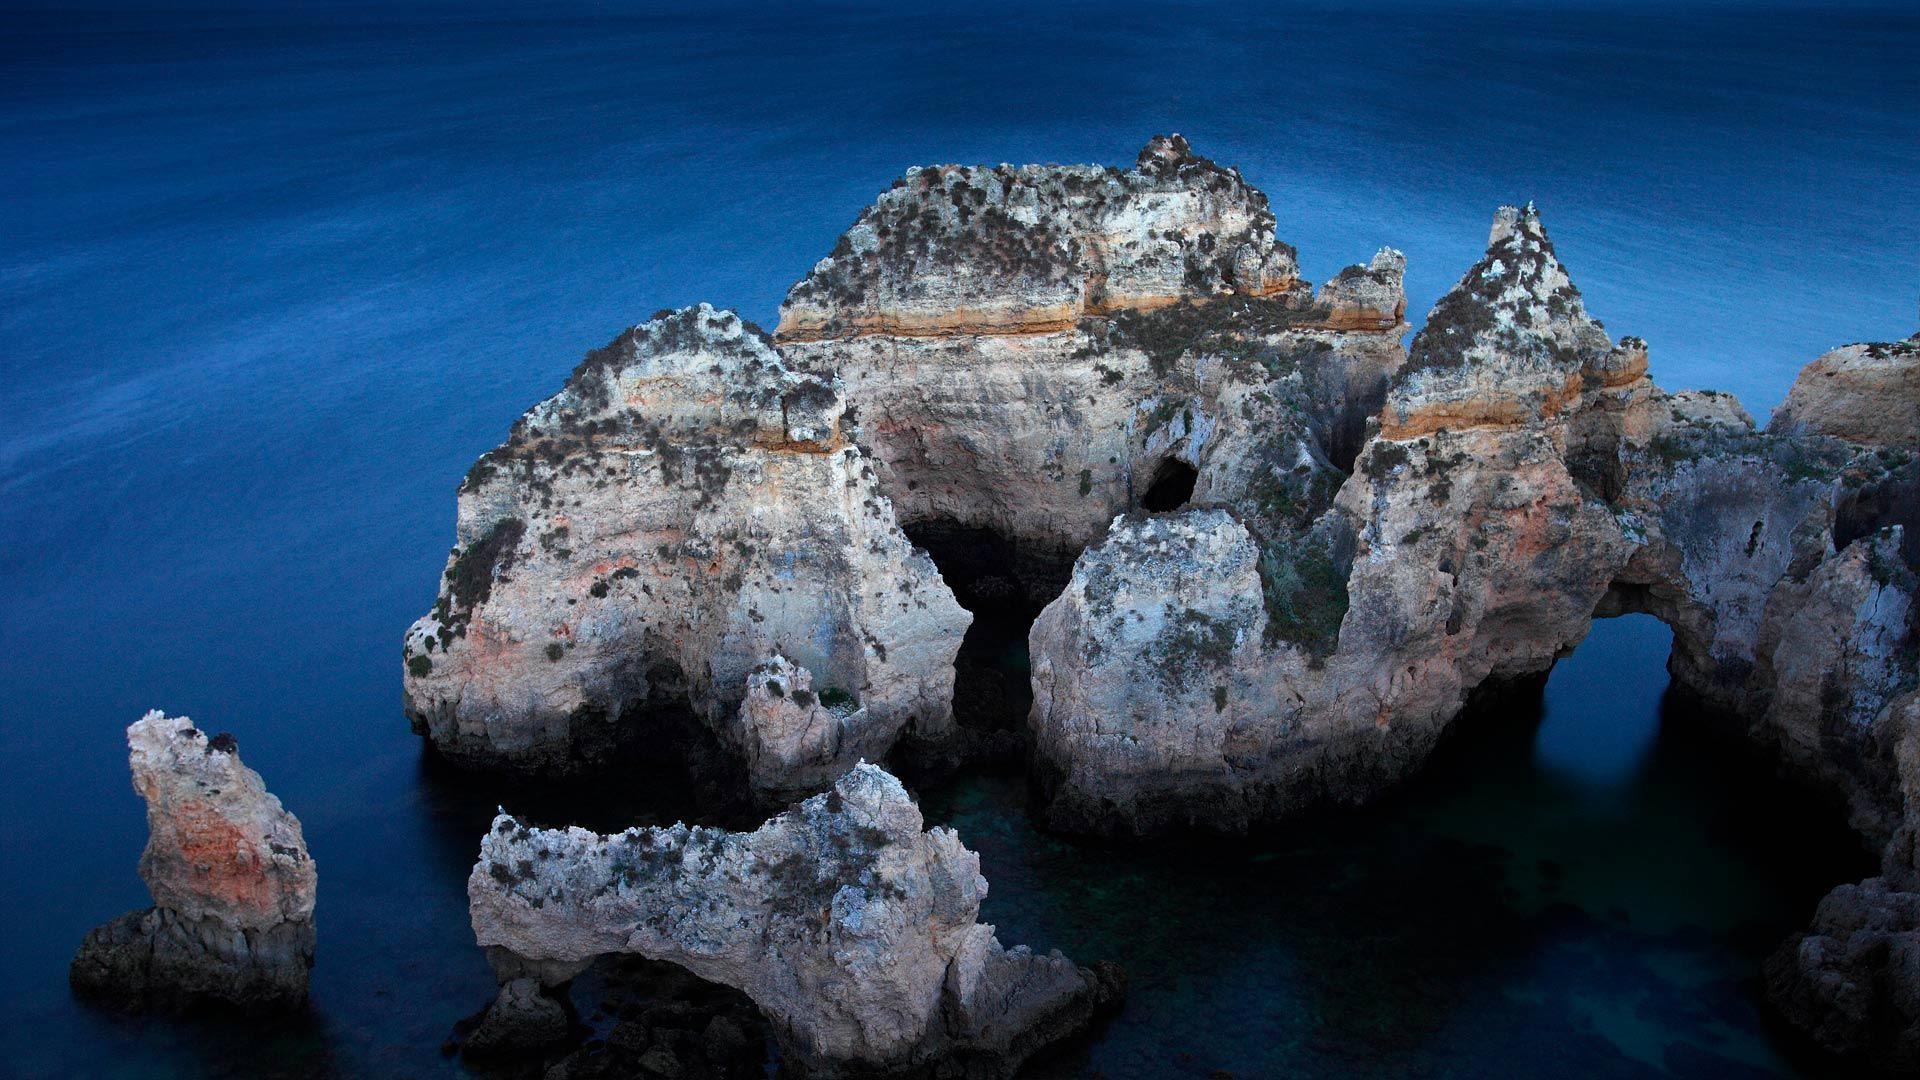 Ponta da Piedade rock formations off the coast of the Algarve, Portugal